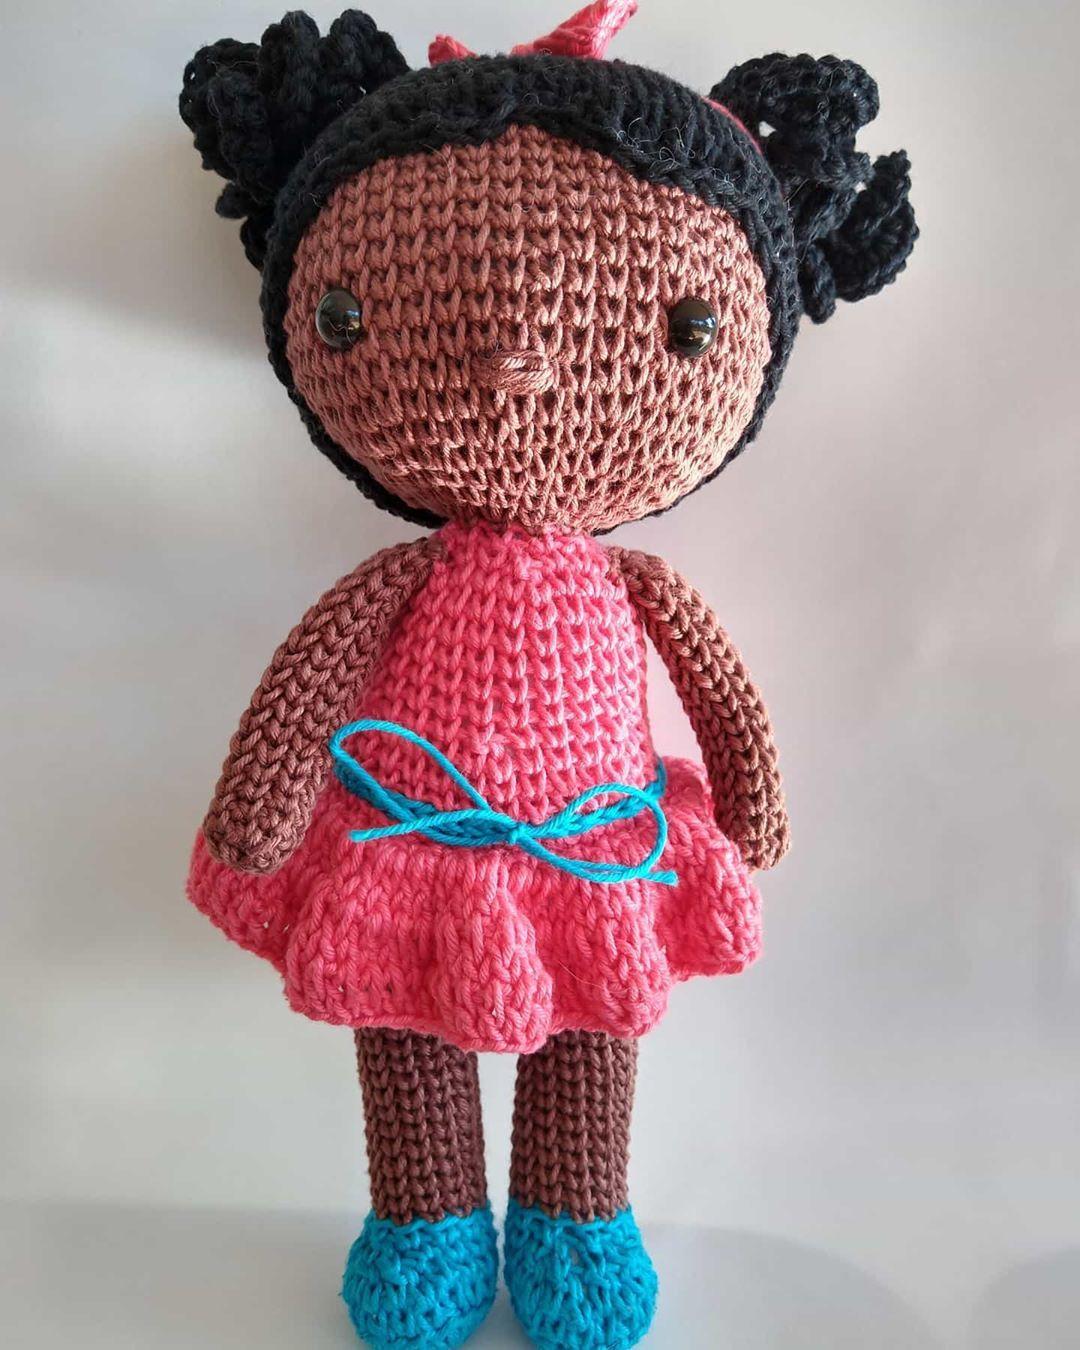 Boneca Chloe amigurumi no Elo7 | Gurumilândia (1143218) | 1350x1080